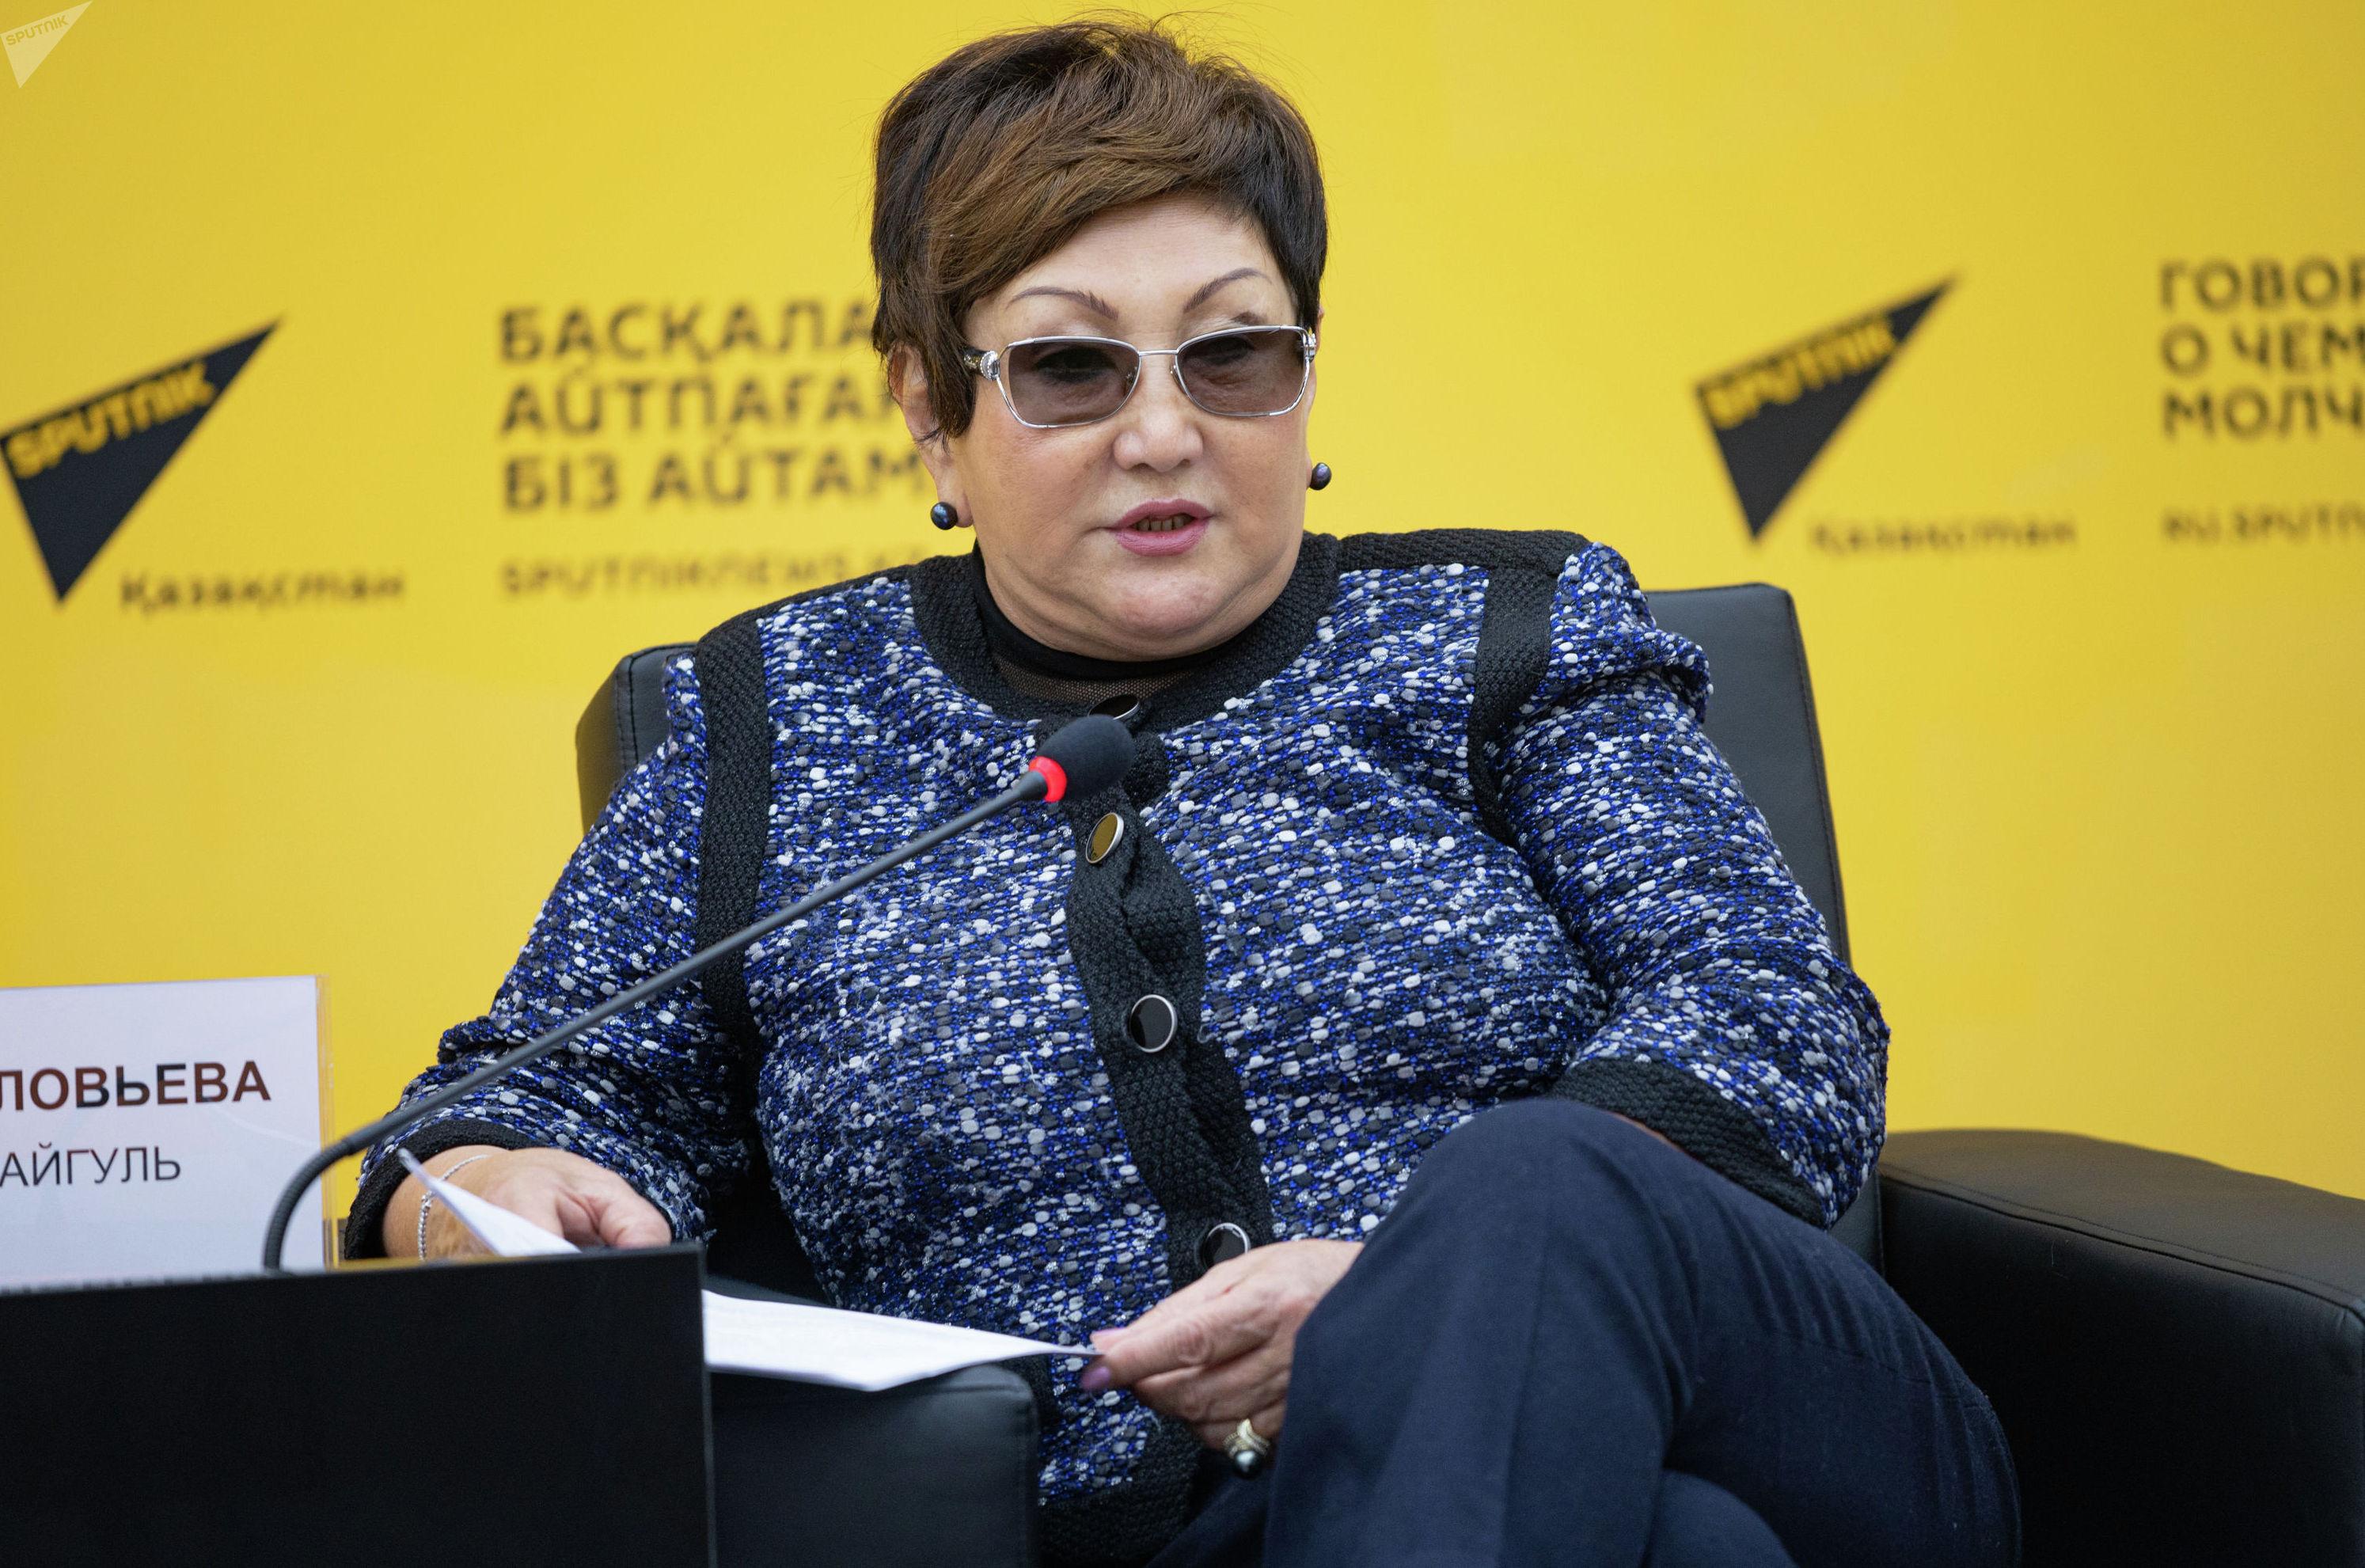 Айгуль Соловьева - председатель правления ОЮЛ Ассоциации экологических организаций Казахстана